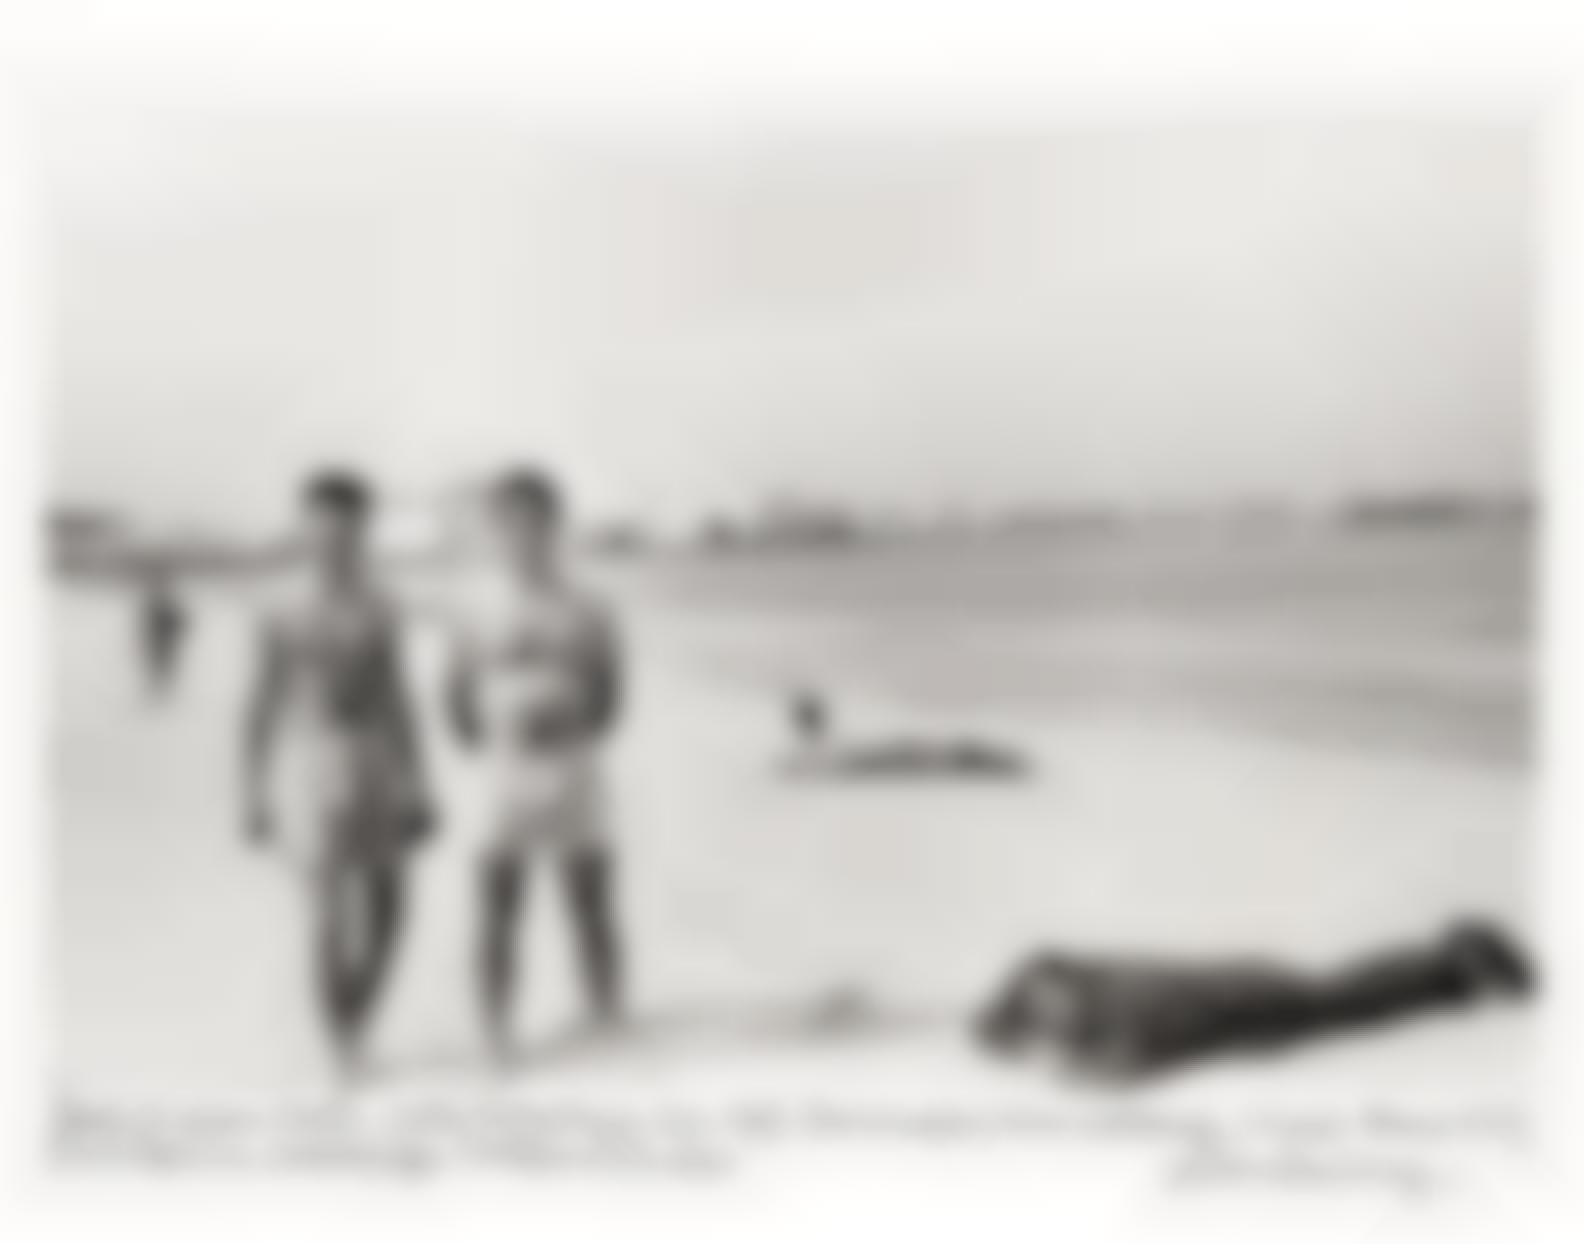 Allen Ginsberg - Kerouac, Orlovsky And Burroughs, Tanger Beach-1957